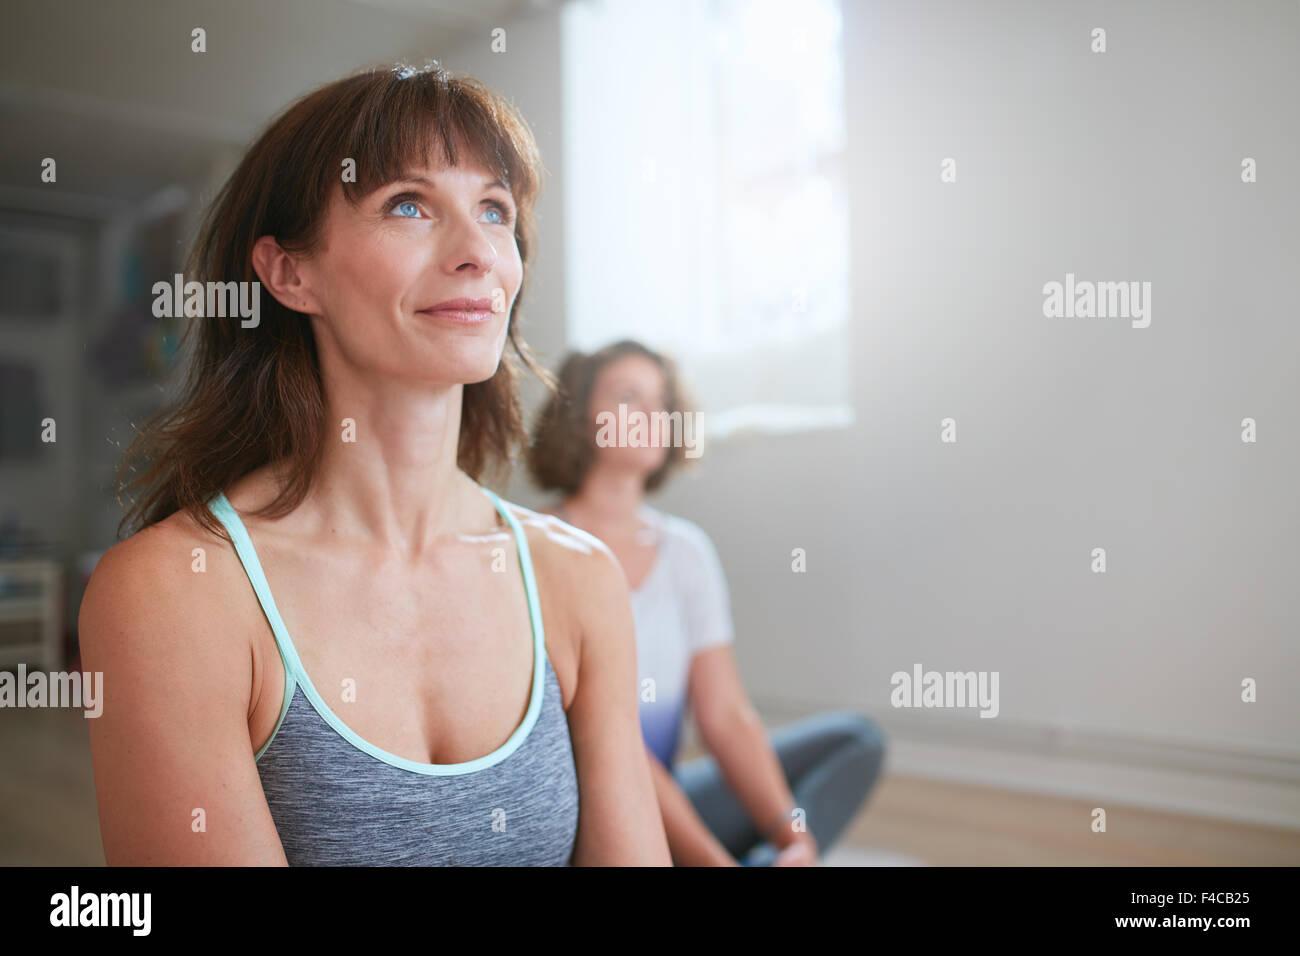 Porträt von Fitness-Frau sitzen auf Boden in Yoga-Klasse wegsehen. Yoga-Trainer während der Trainingseinheit Stockbild